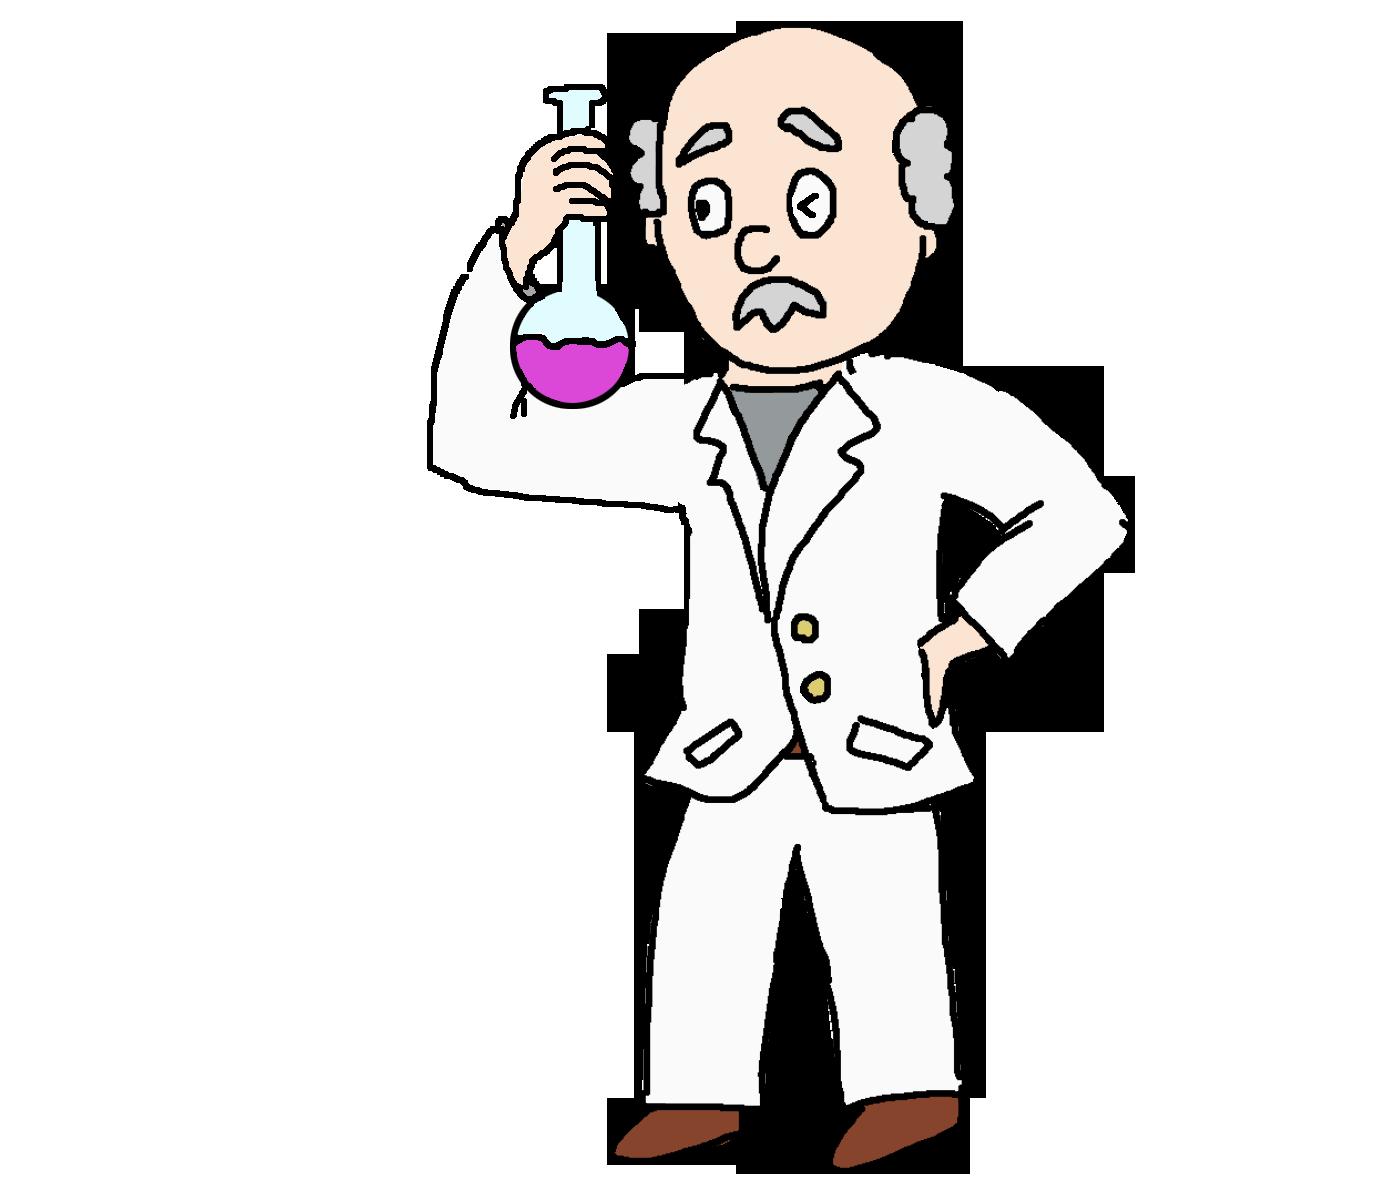 怪しい薬品で実験をする博士